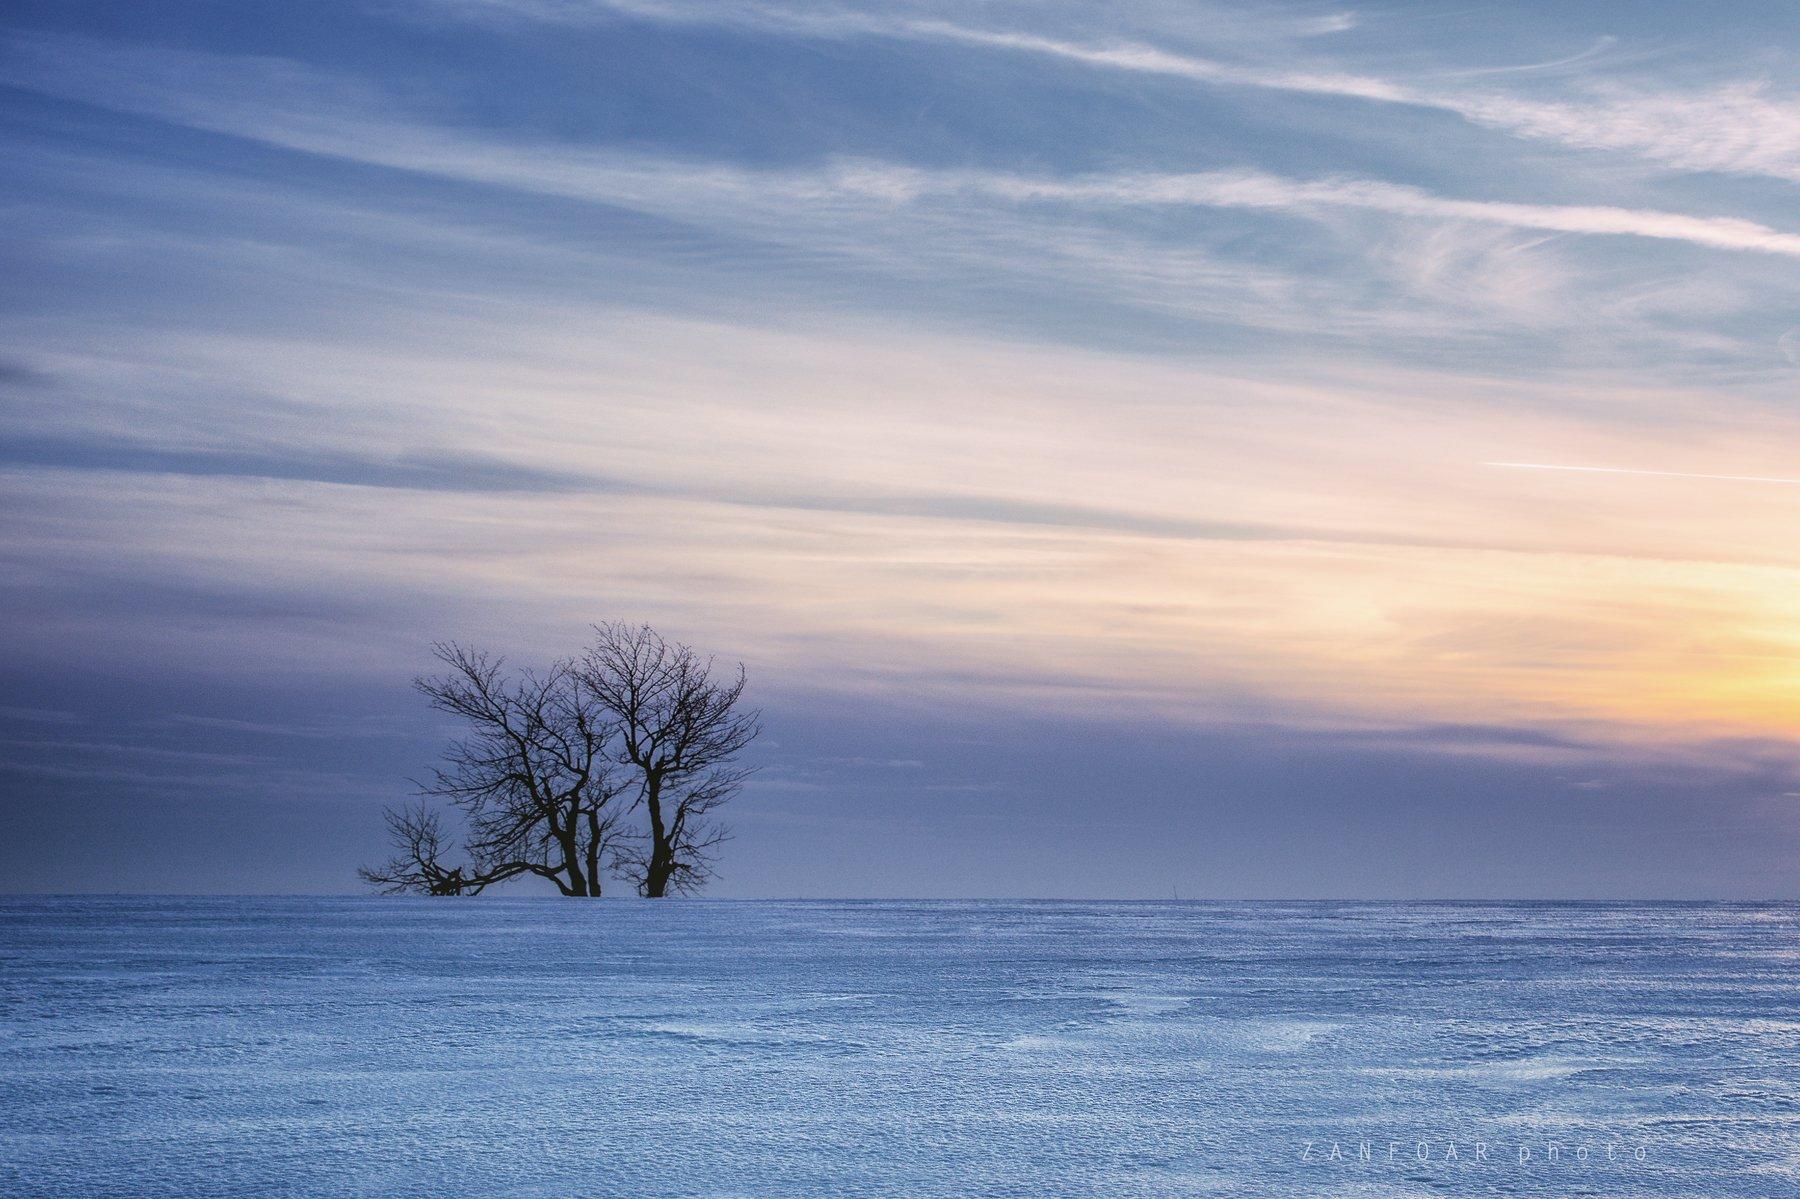 слияние, горизонта,landscape,tree,sky,horizont,winter,zanfoar,czech republic,nikon,чехия, Zanfoar